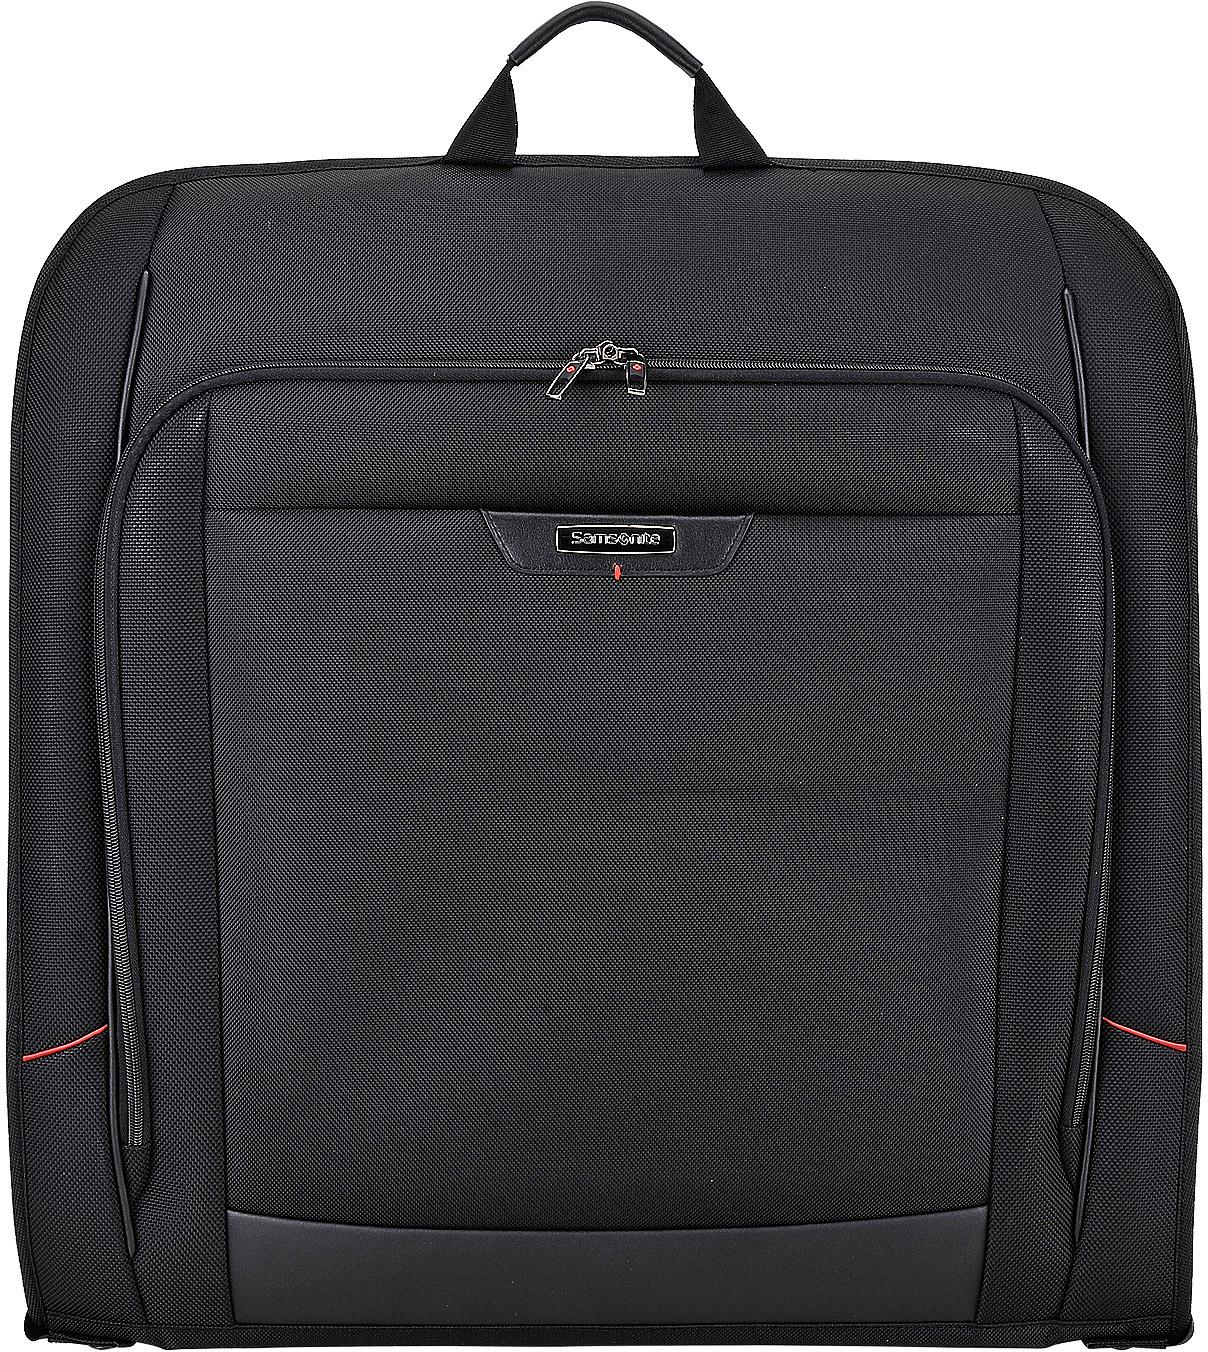 Портплед Samsonite PRO-DLX 4, цвет: черный, 54 х 8 х 54 см. 35V-0901735V-09017Портплед Samsonite из коллекции PRO-DLX 4 - это улучшенный и облегченный багаж,призванный сделать бизнес-поездки еще комфортнее и безопаснее.Портплед PRO-DLX 4выполнен из плотного нейлона с дополнительными вставками из натуральной кожи изастегивается на двойную застежку-молнию. Основной отдел в форме чехла с вешалкой. Модель также имеет специальный карман для планшета с диагональю экрана до 10 дюймов. Инновационные разработки от бренда Samsonite позволили использовать в изготовлении сумокбезопасные прочные материалы, а съемные ремни на плечо оборудовать дополнительнойкомфортной вставкой.Внутреннее пространство портпледа продумано до мелочей:фиксация ноутбуков, встроенные сетчатые перегородки, защитные вставки и навесной кодовыйзамок с системой TSA - ничто не угрожает вашему багажу во время самых длительныхкомандировок.